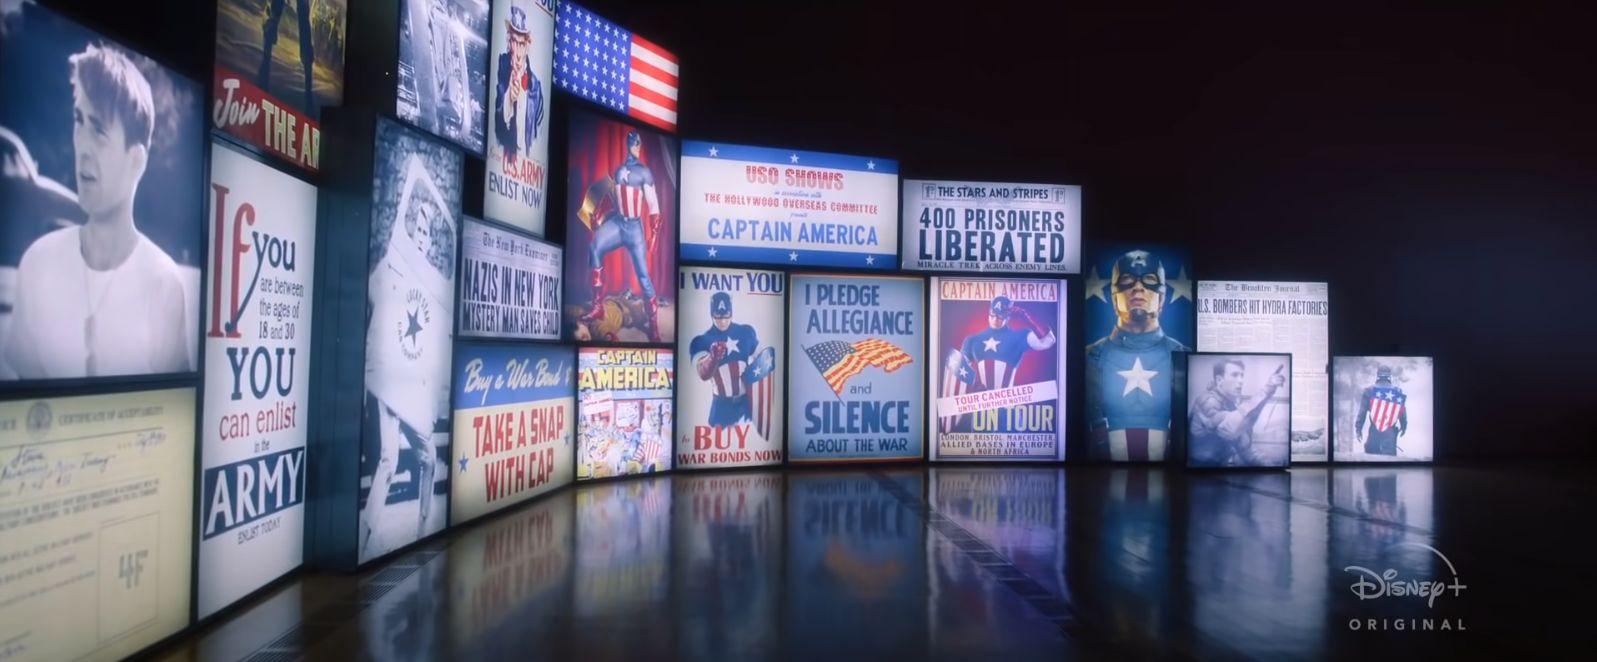 """Zwiastun rozpoczyna się od ujęcia z Instytutu Smithsona – z filmu """"Zimowy żołnierz"""" dowiedzieliśmy się, że to tam mieści się wystawa poświęcona Kapitanowi Ameryce. Już tutaj znajdziemy mnóstwo związanych z nim przedmiotów: dokument potwierdzający odrzucenie jego wniosku o służbę wojskową, zdjęcie pochodzące z prywatnej kolekcji Peggy Carter, okładkę pierwszego komiksu o Capie z prawdziwego świata (co ciekawe, w MCU w filmie """"Pierwsze starcie"""" w prawym dolnym rogu dodano do niej wizerunek Bucky'ego), plakat informujący o odwołaniu wycieczki z Rogersem jako przewodnikiem, nagłówek gazety informujący o wyzwoleniu 400 więźniów (wyzwolenie to widzieliśmy w """"Pierwszym starciu""""), zdjęcie pokazujące Capa w trakcie II wojny światowej – patrzył wówczas na kompas z dołączonym do niego zdjęciem Peggy, jak również model jego pierwszego kostiumu."""